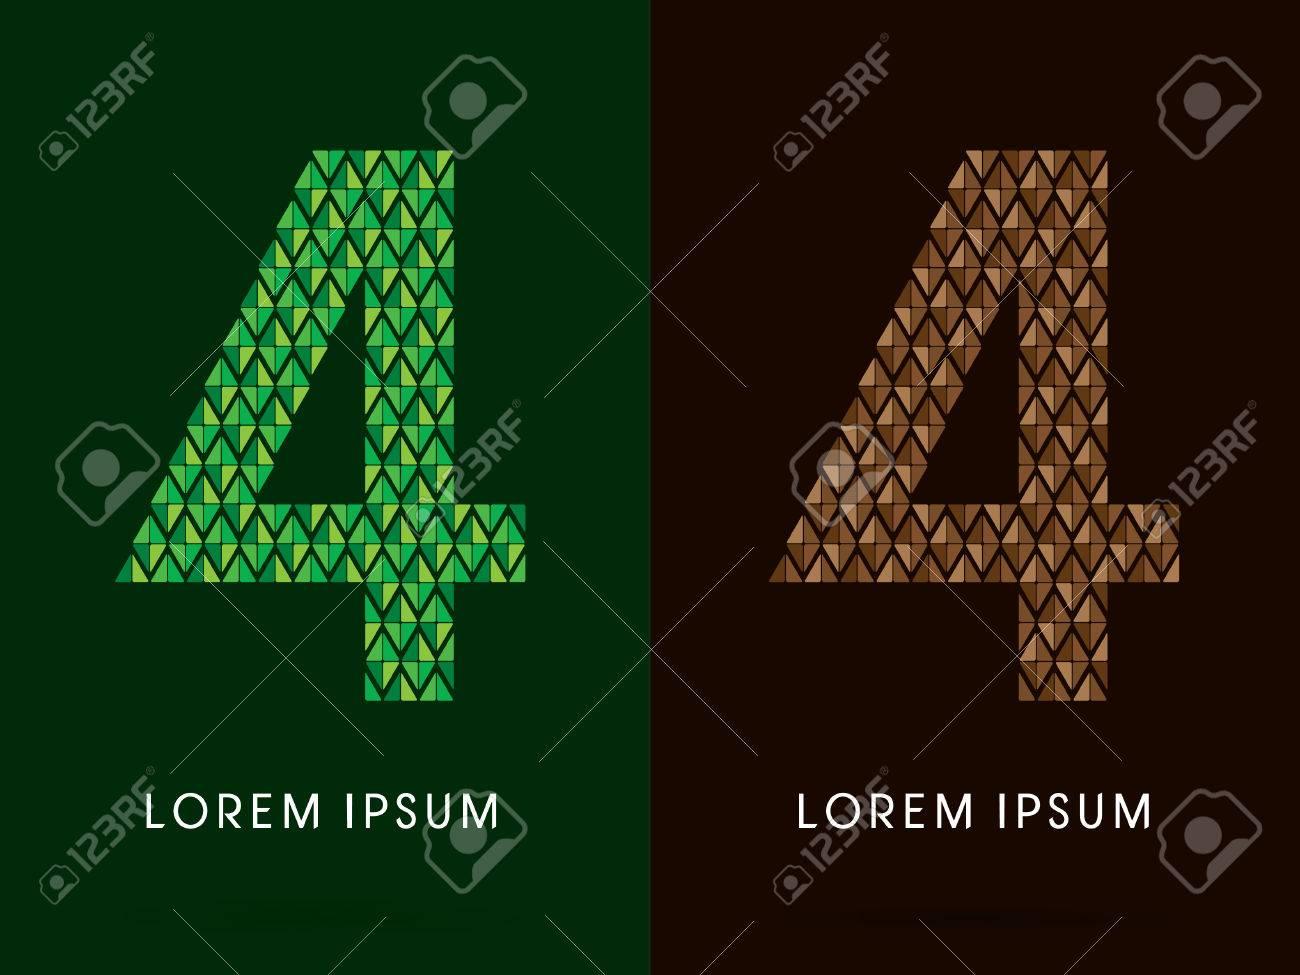 4 font concept leaf and rock designed using colors green 4 font concept leaf and rock designed using colors green and brown colors biocorpaavc Gallery